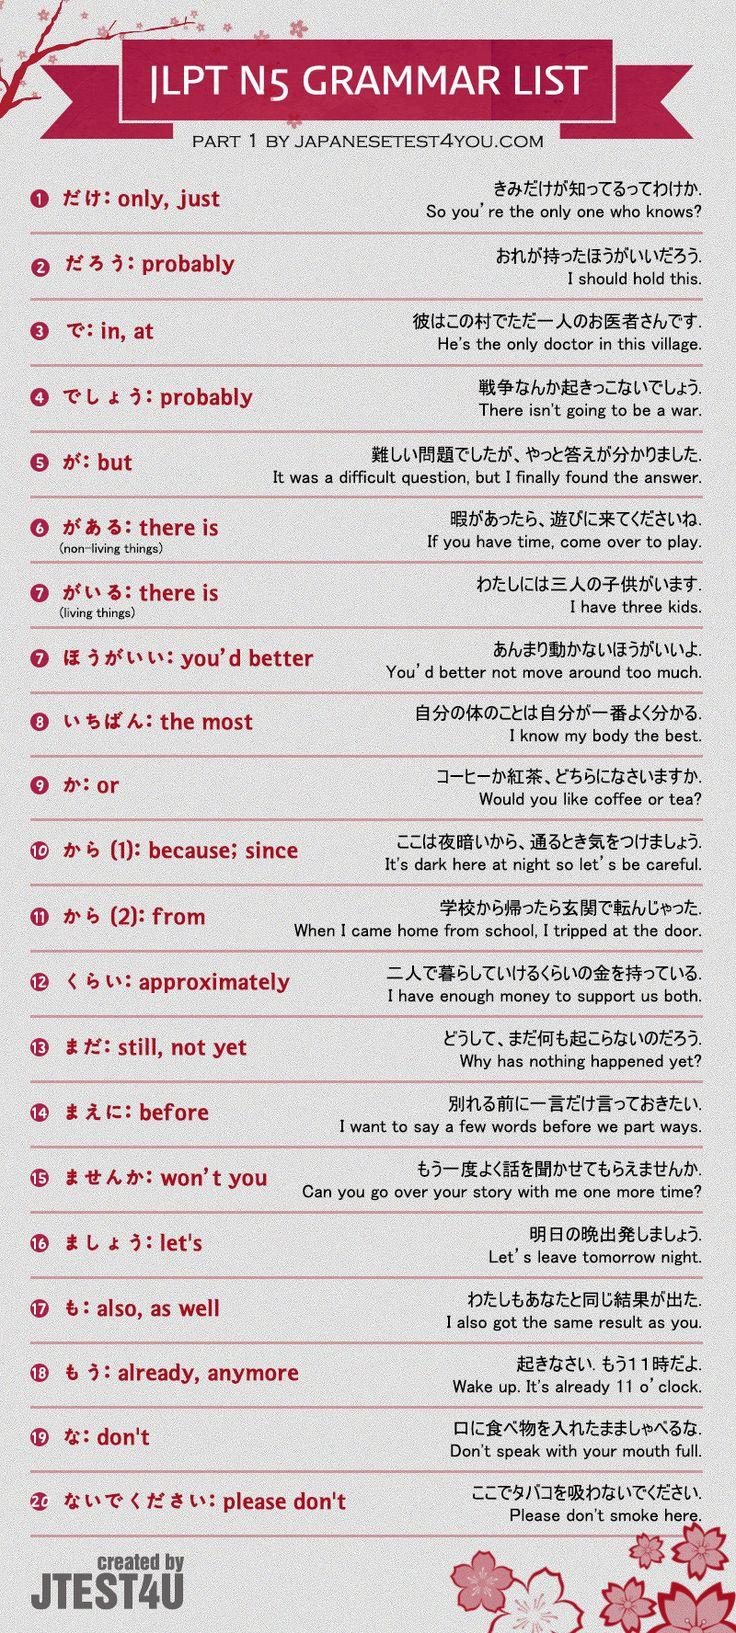 Infographic: JLPT N5 Grammar List Part 1 http://japanesetest4you.com/jlpt-n5-grammar-list/